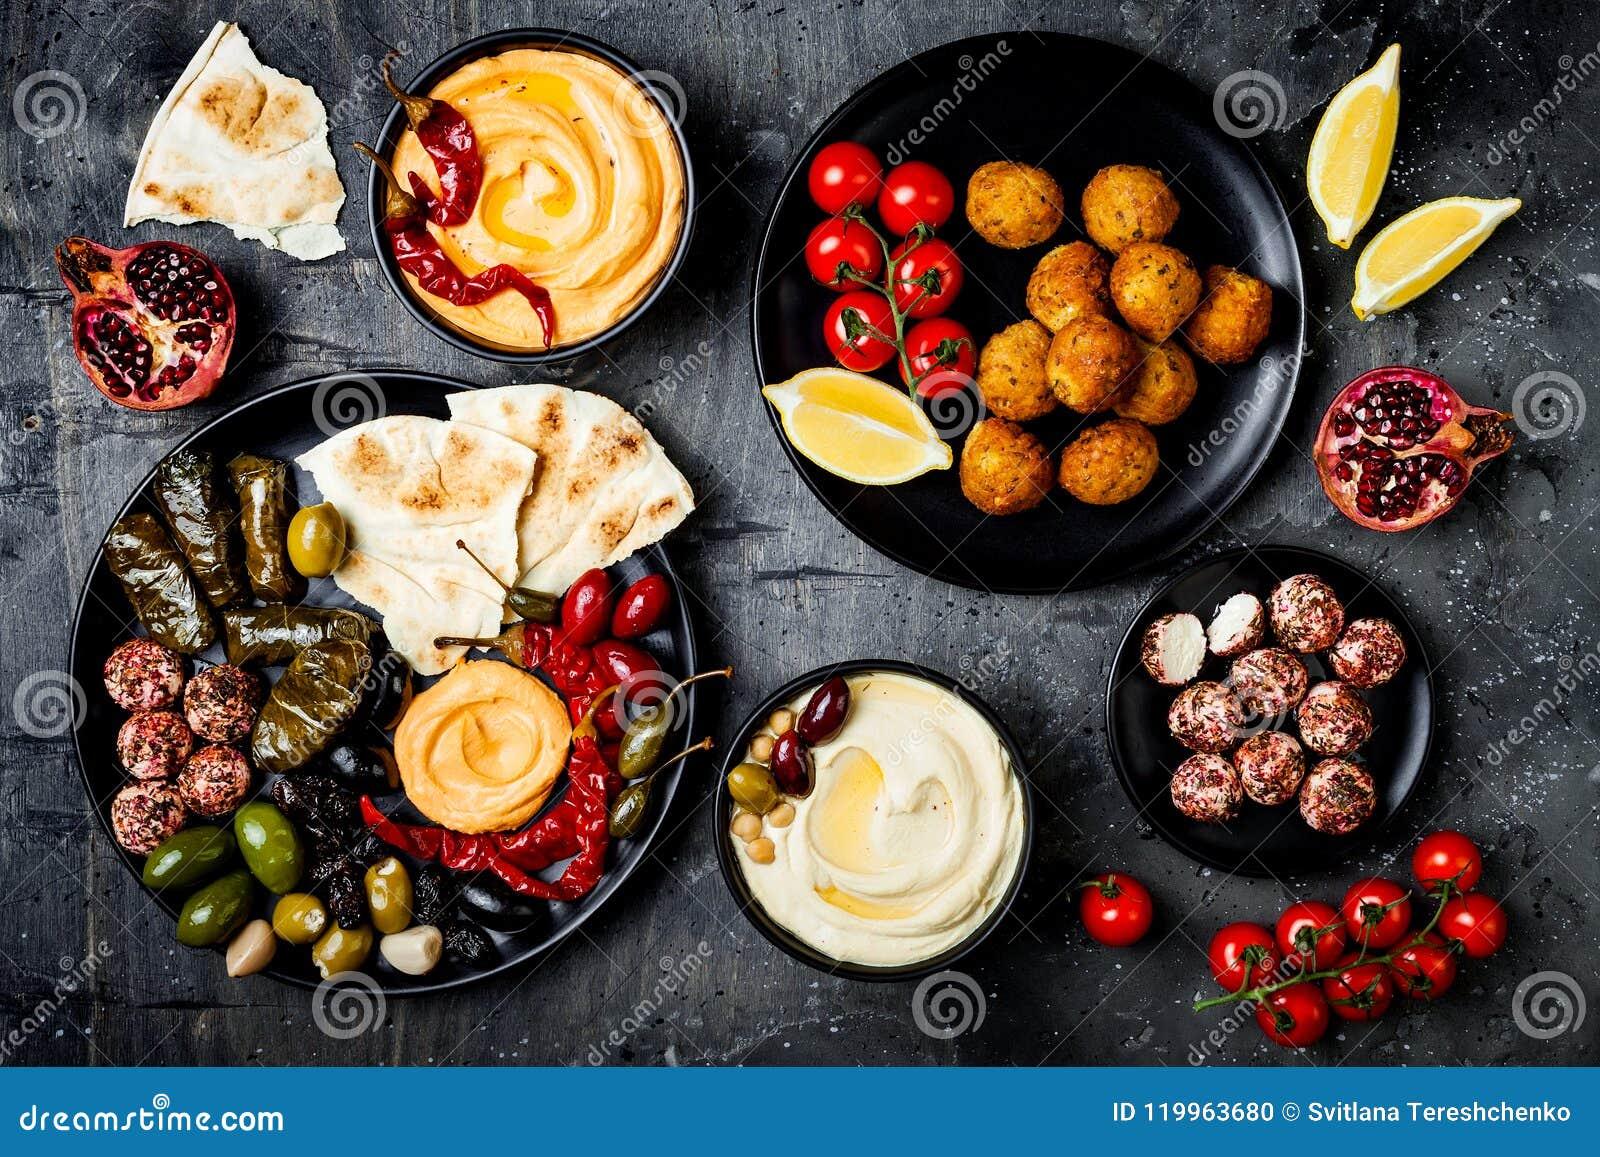 Culinária tradicional árabe A bandeja do Oriente Médio do meze com pão árabe, azeitonas, hummus, encheu o dolma, bolas do queijo